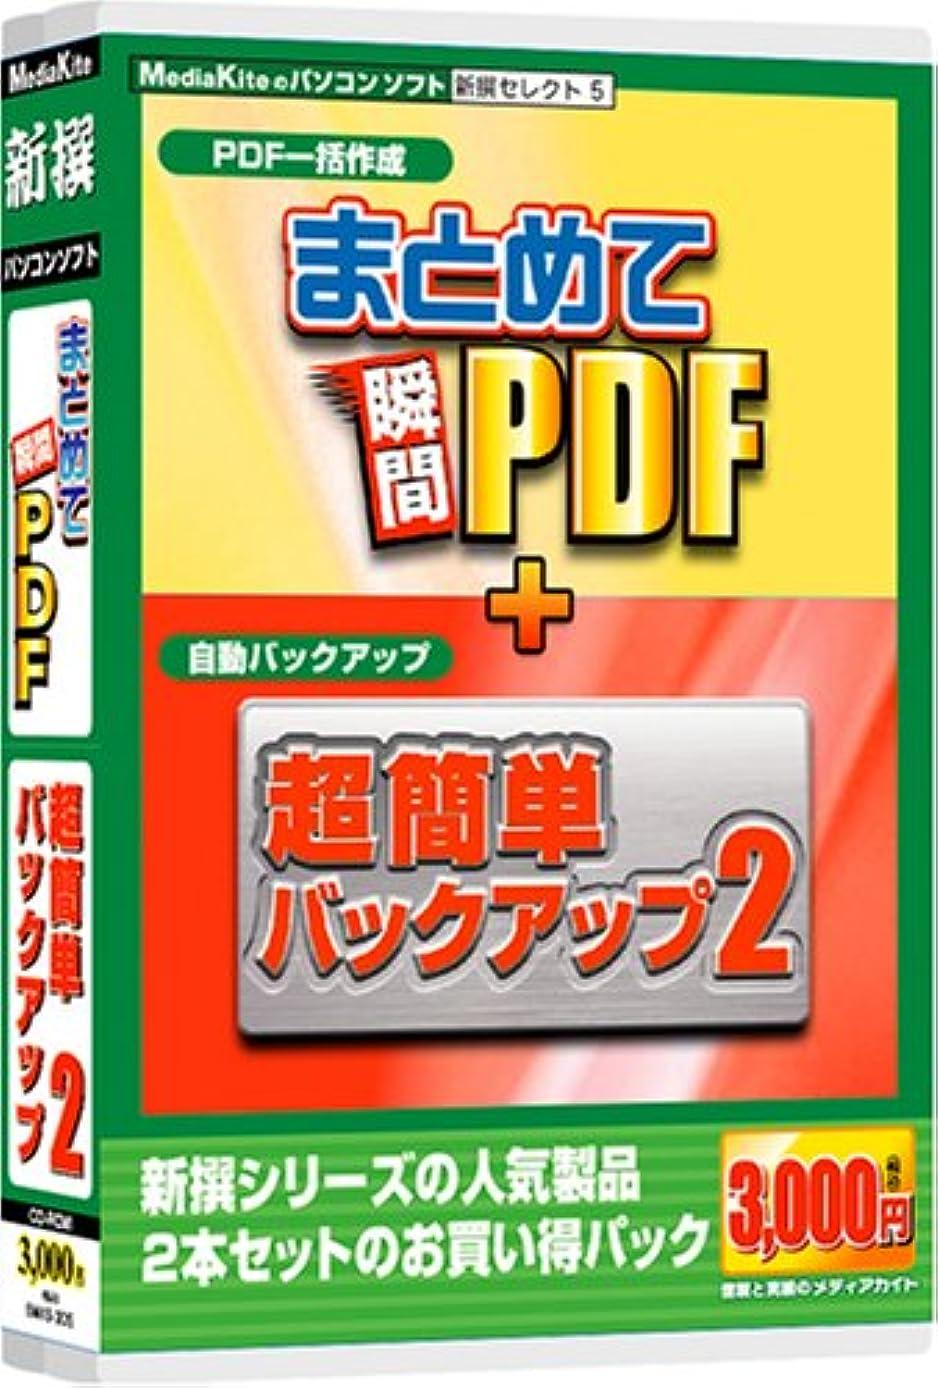 新撰セレクト5まとめて瞬間PDF?超簡単バックアップ2